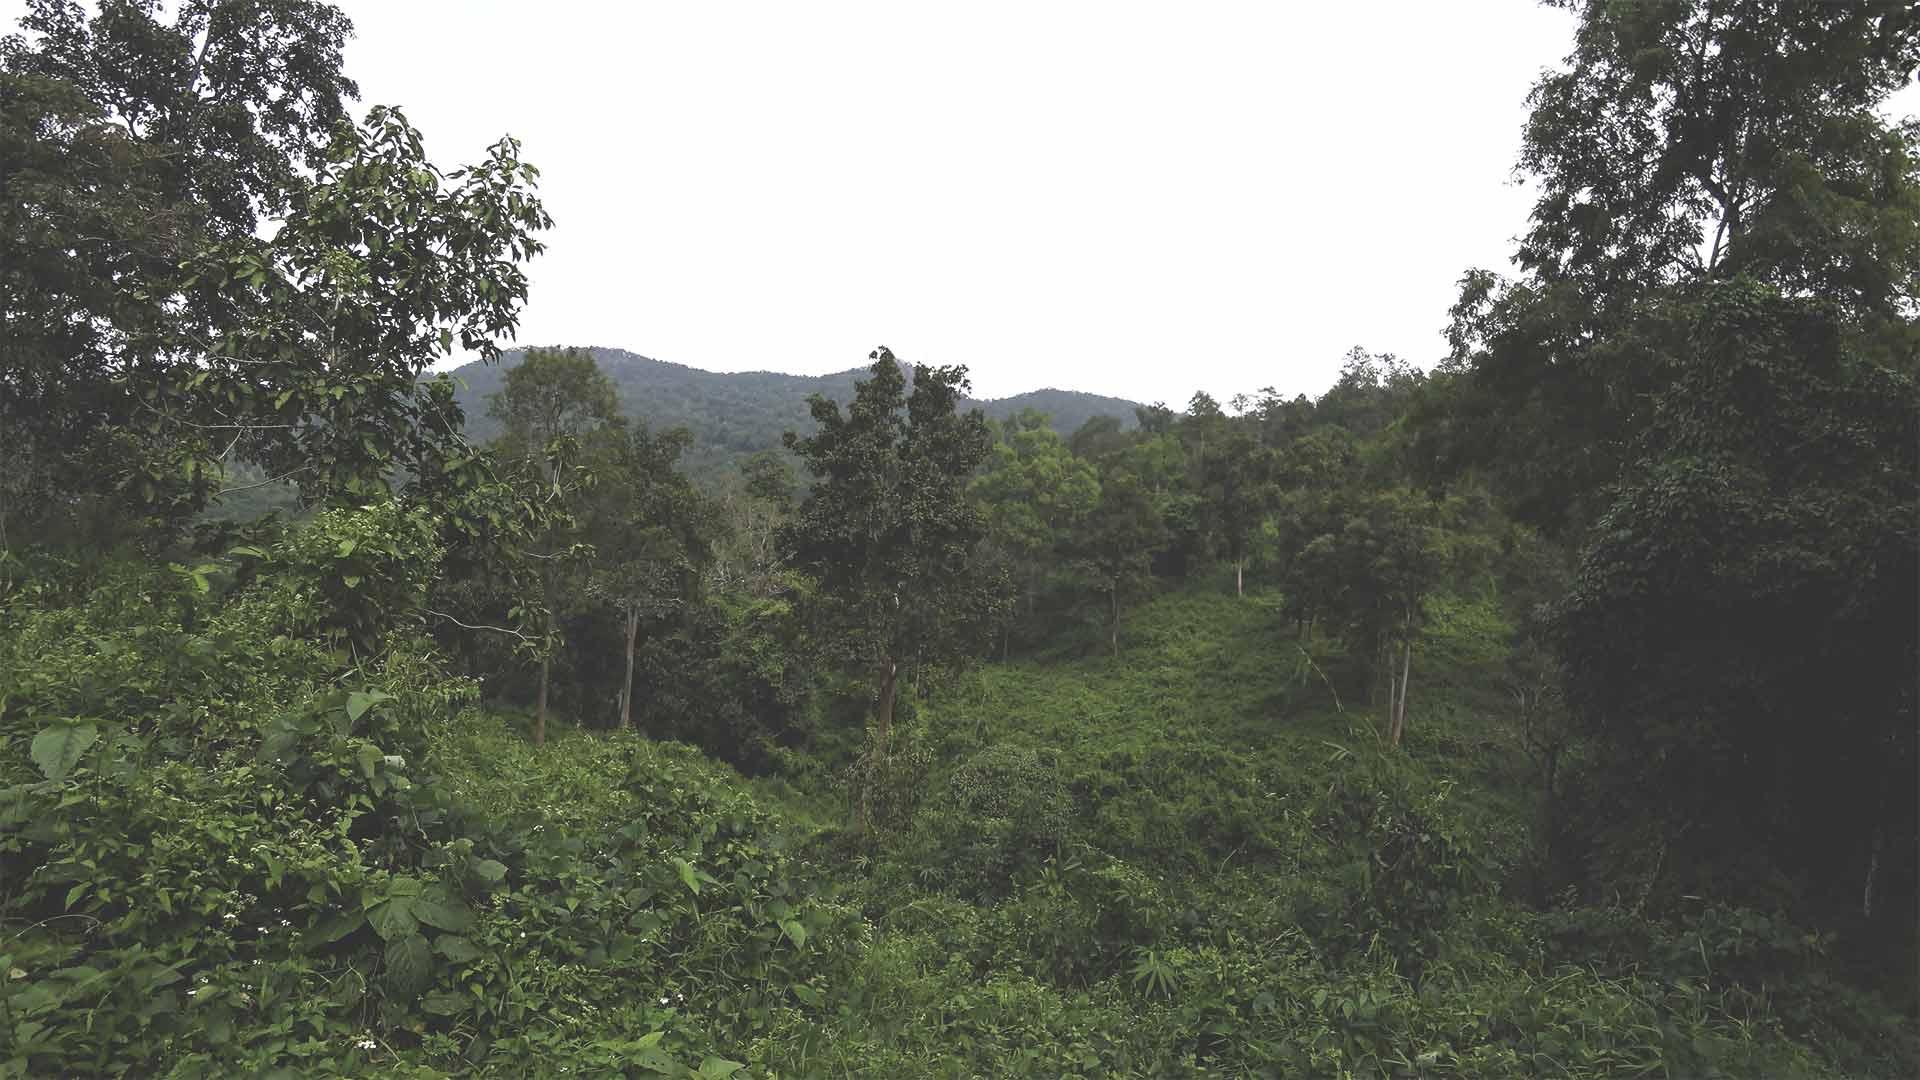 Elefantentour - Chiang Mai Mountain Sanctuary - Aussicht auf den Dschungel und die Landschaft